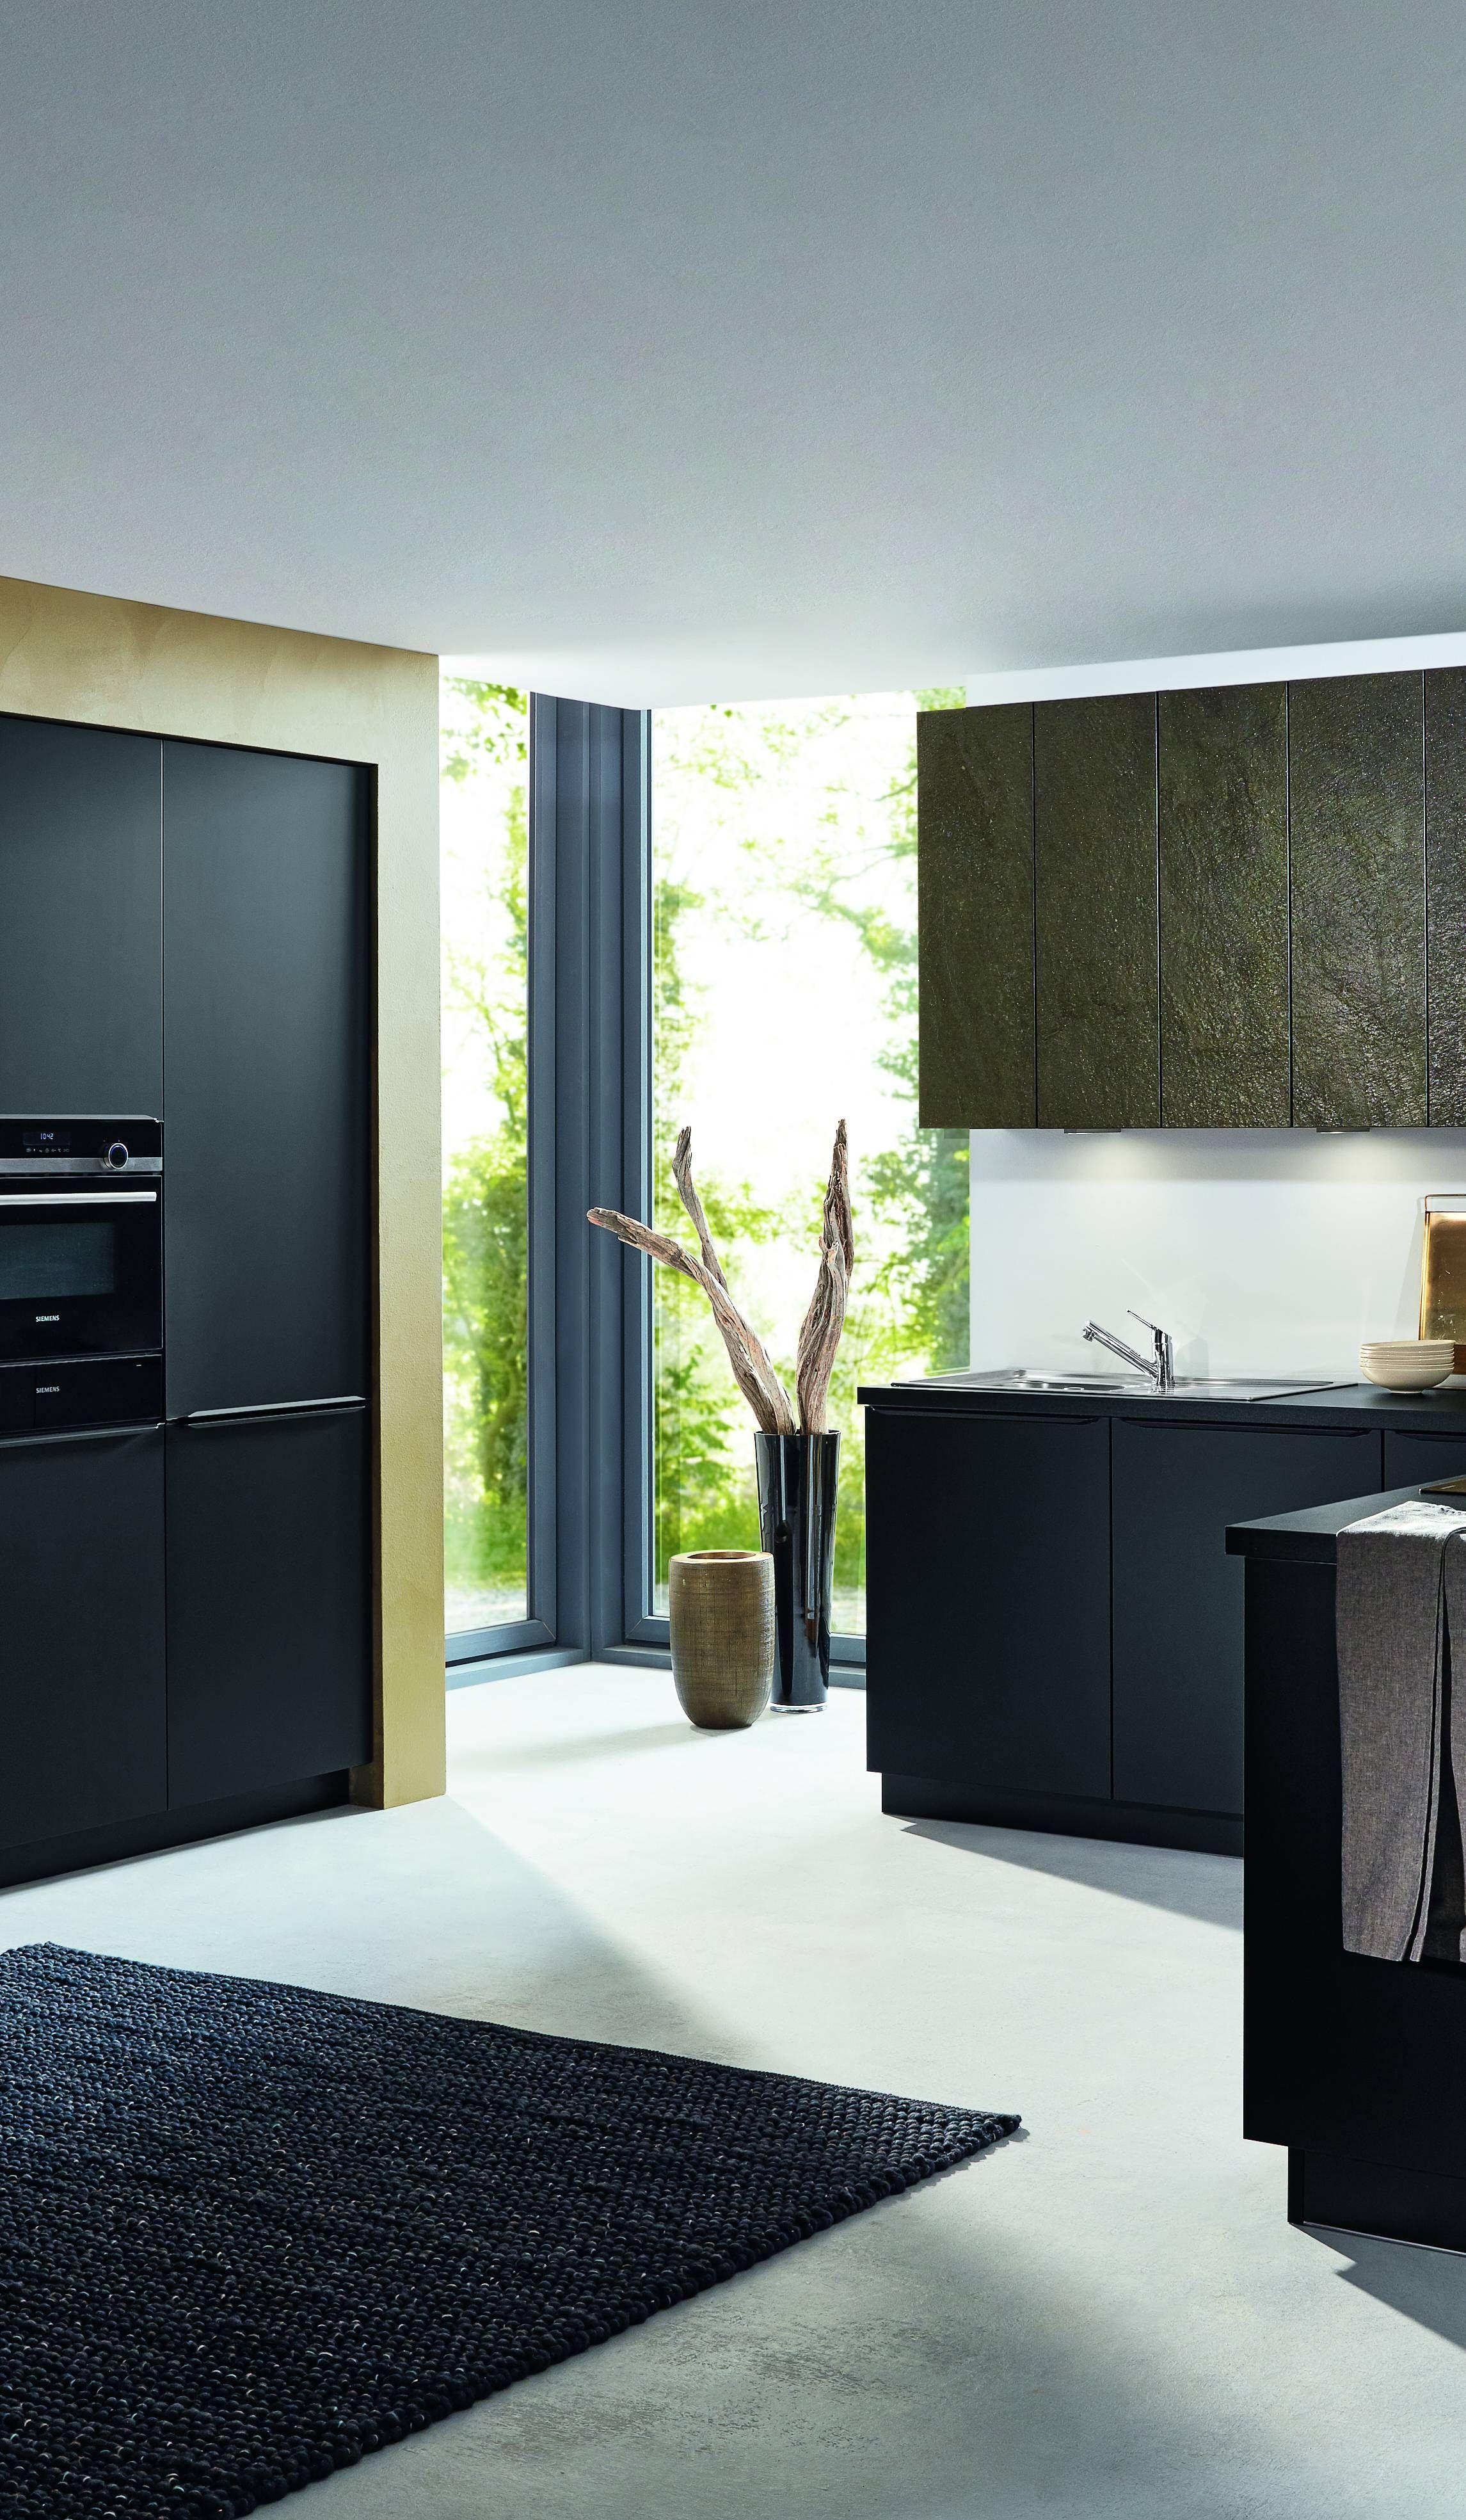 Hier Sehen Sie Eine Elegante Bauformat Kuche Mit Hochwertigen Kuchenmobeln Die Front Ist In Der Farbe Schwarz Seidenmatt Kuchengalerie Kuche Schwarz L Kuchen